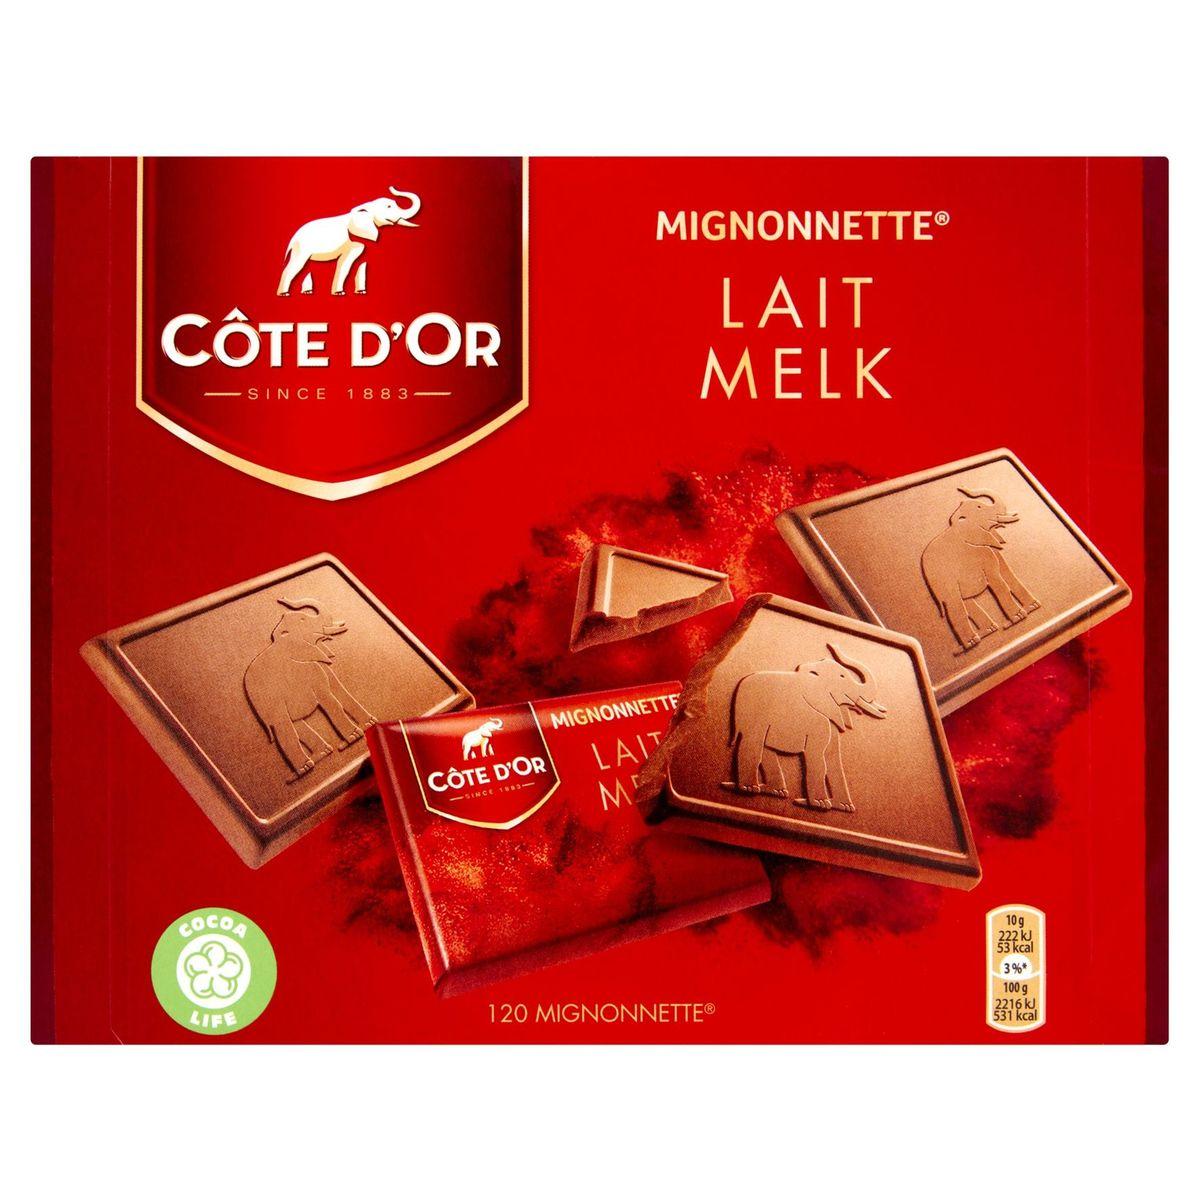 Côte d'Or Mignonnette Lait 120 Pièces 1200 g